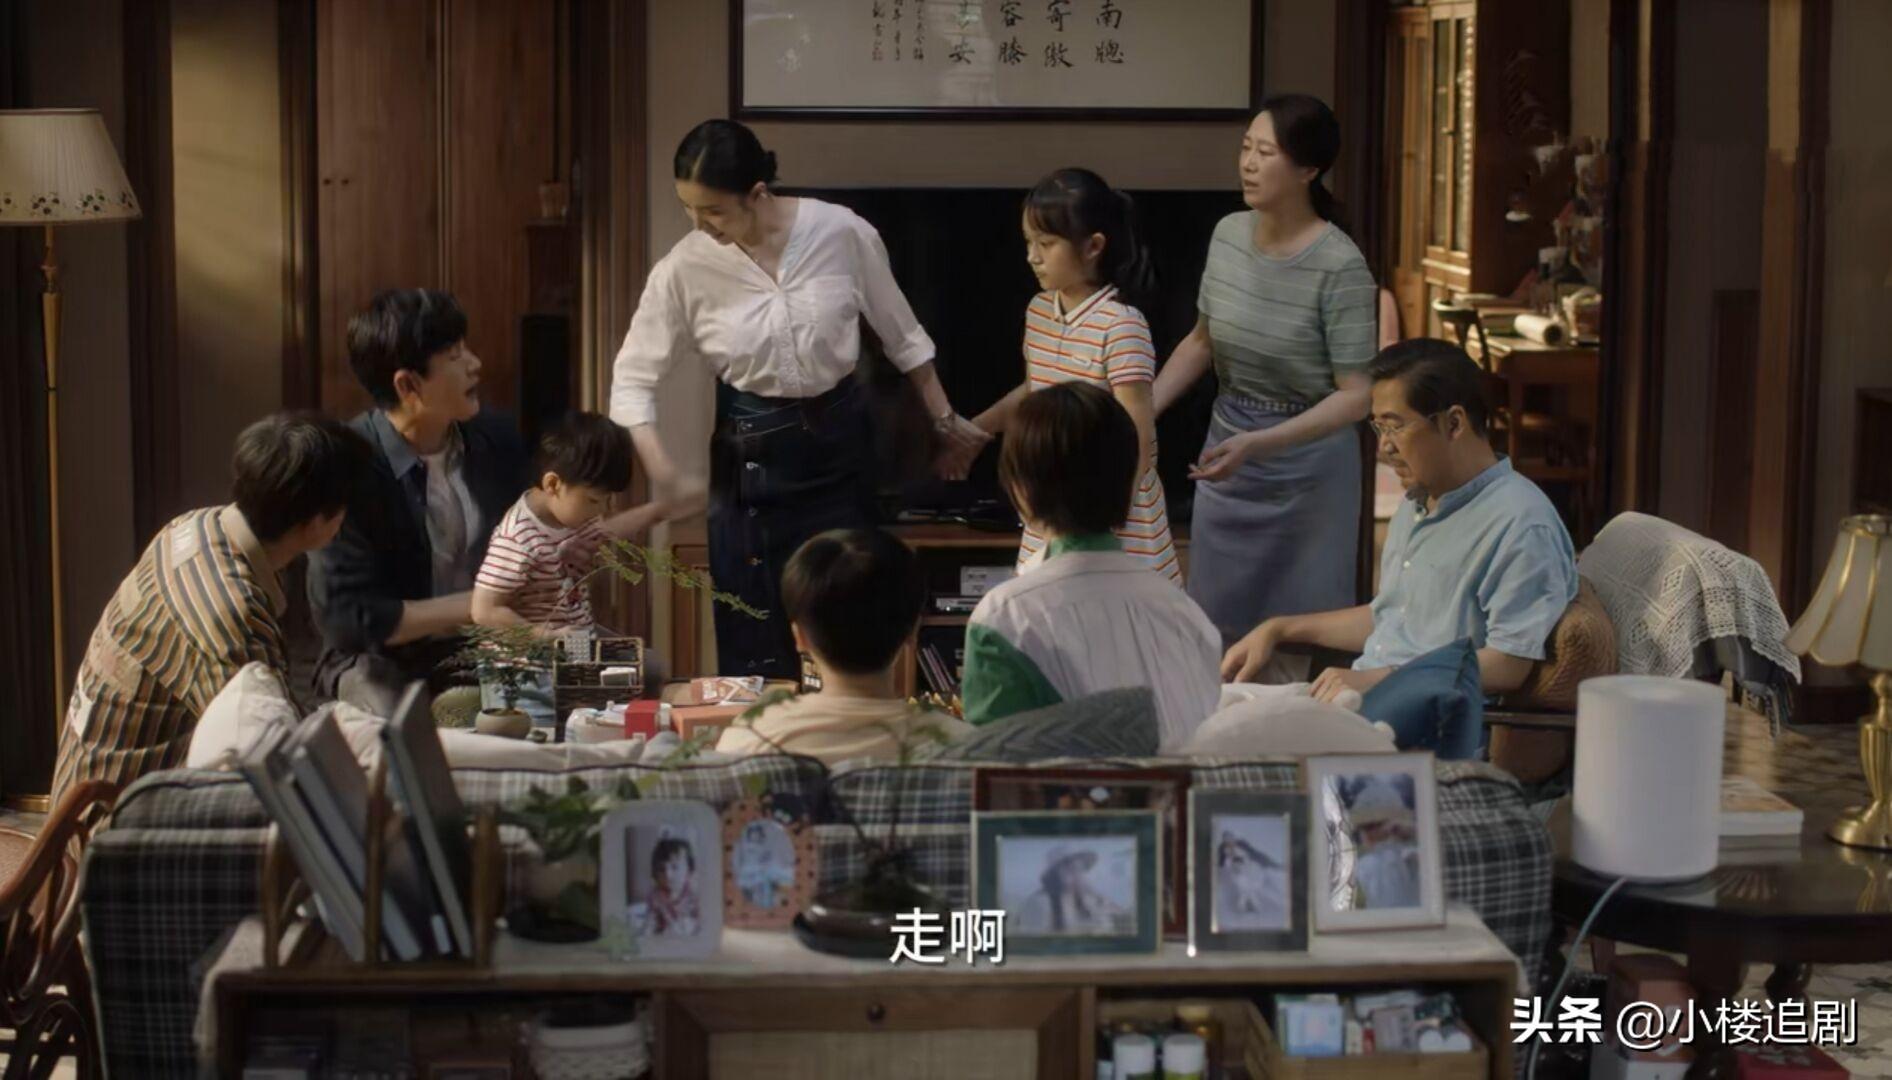 《小舍得》:一套学区房引出三场戏,蔡菊英结局令人感叹